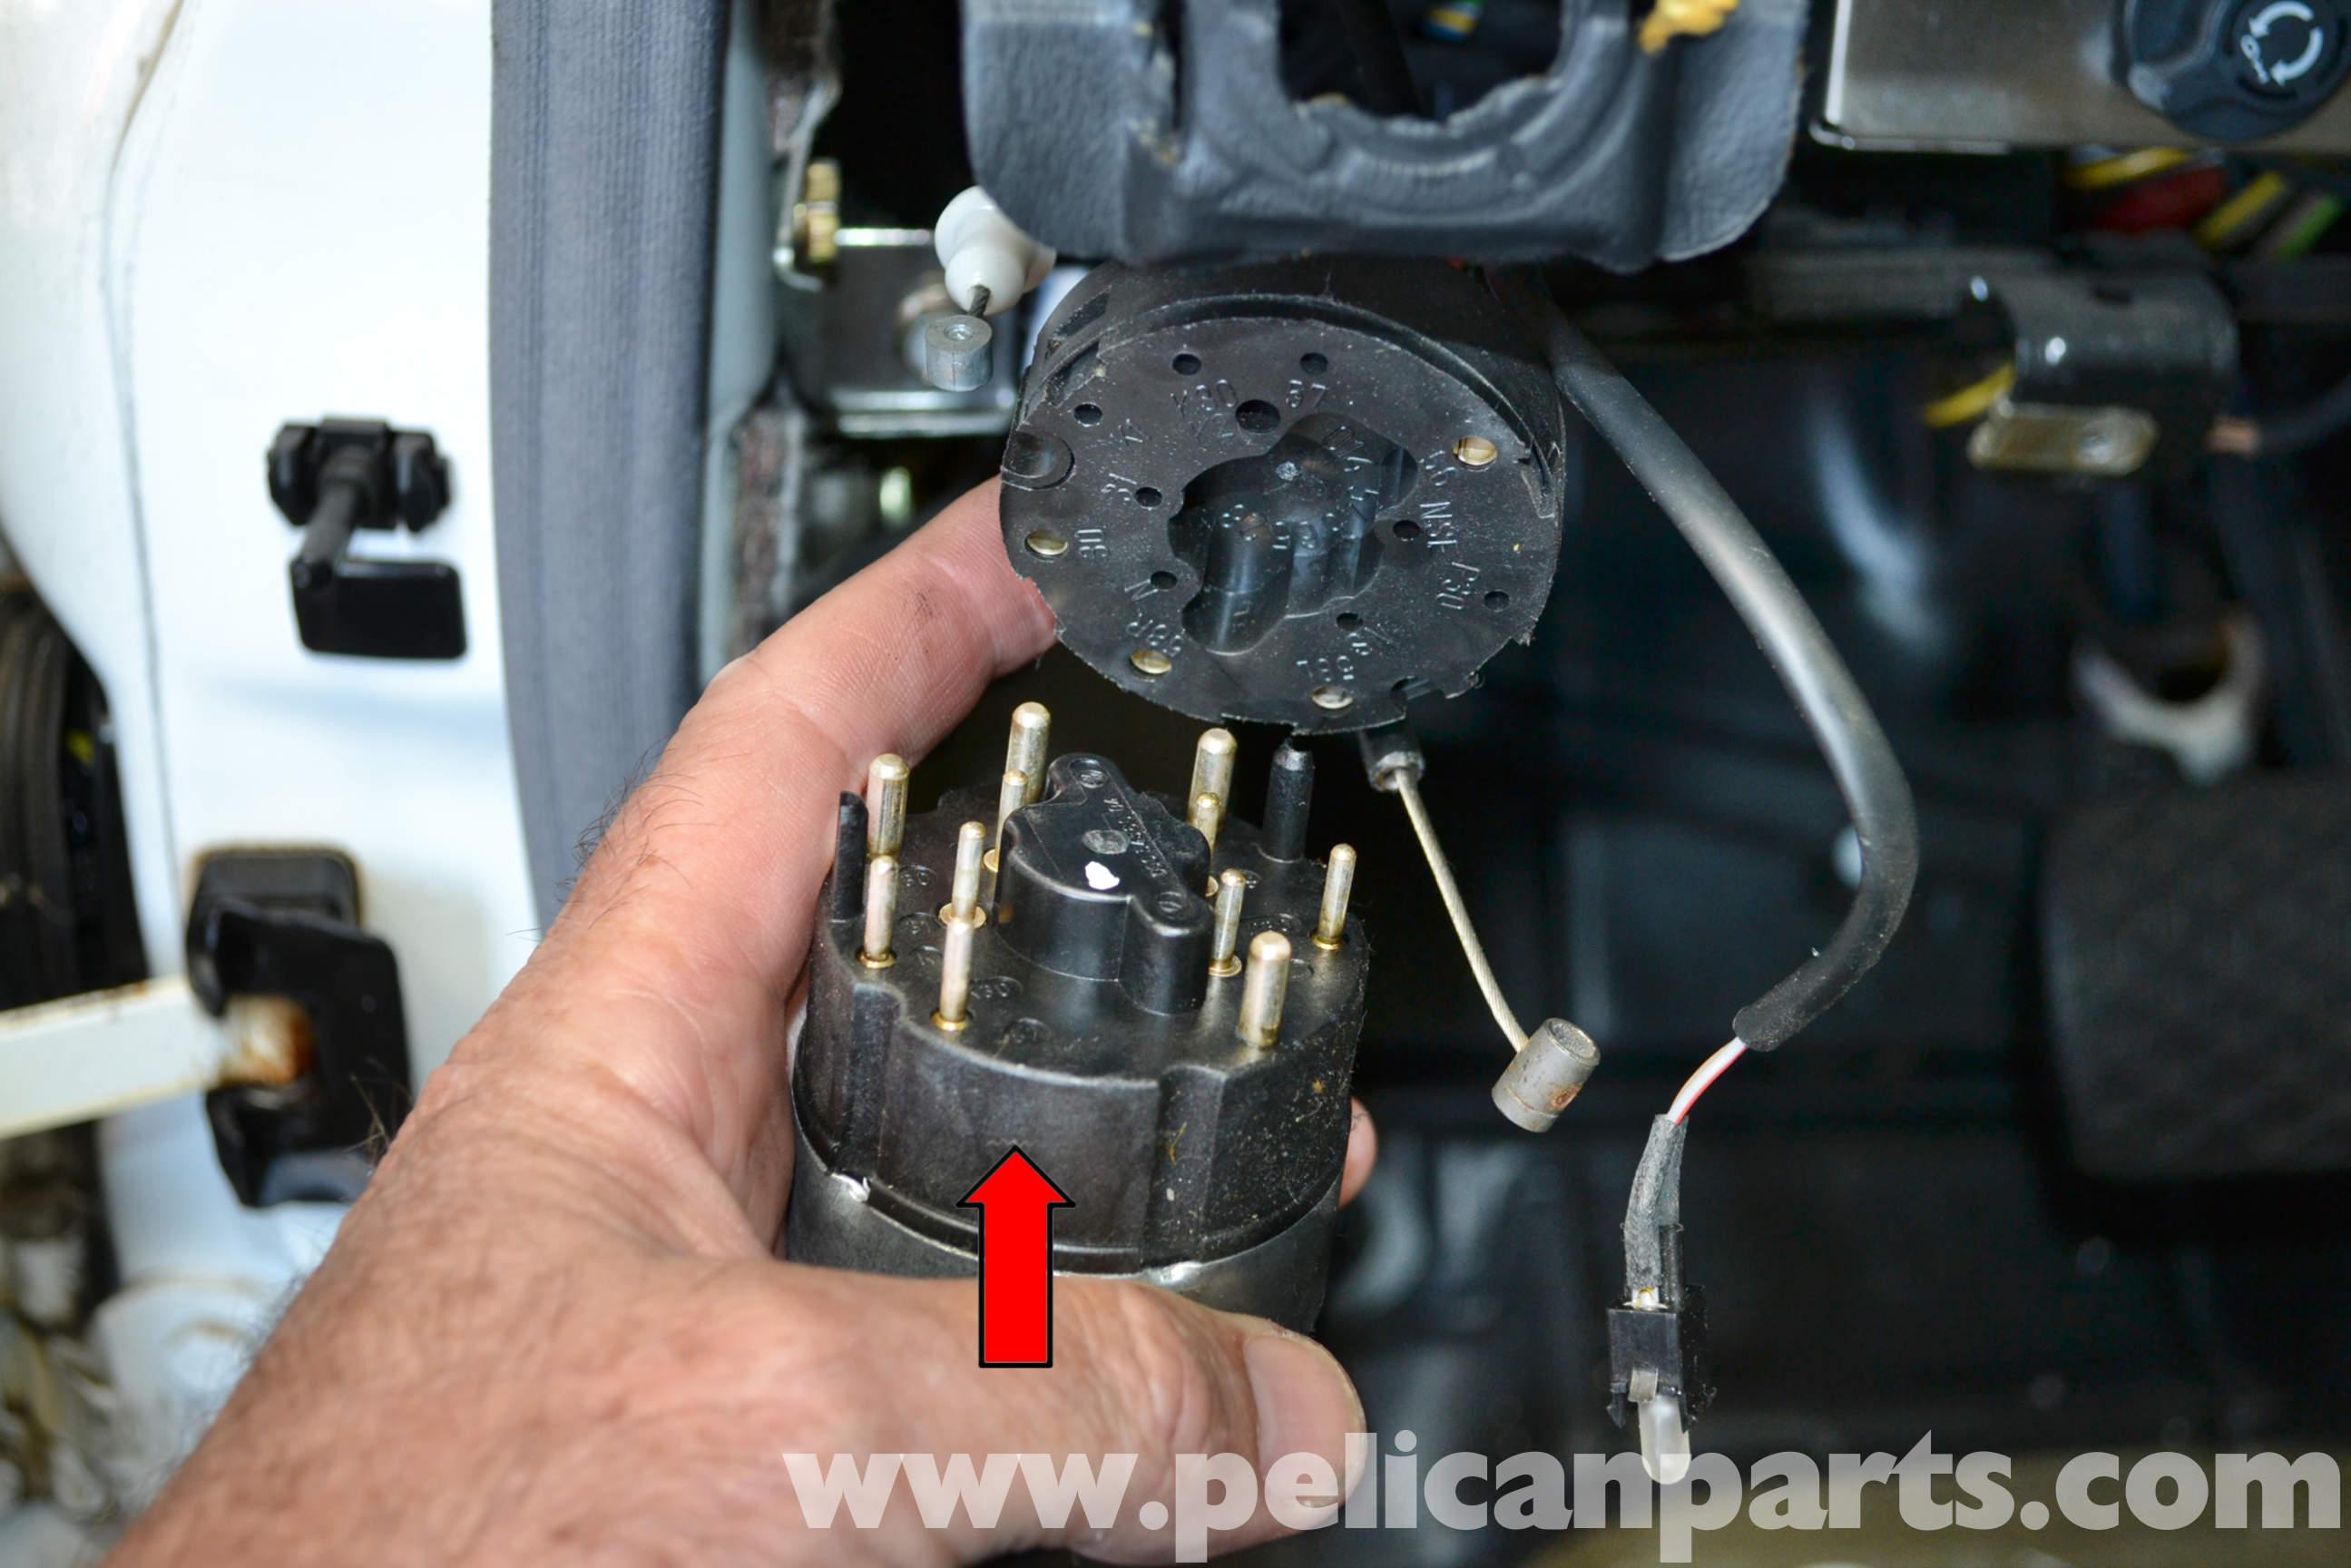 2003 Isuzu Npr Wiring Diagram Mercedes Benz W124 Headlight Switch Replacement 1986